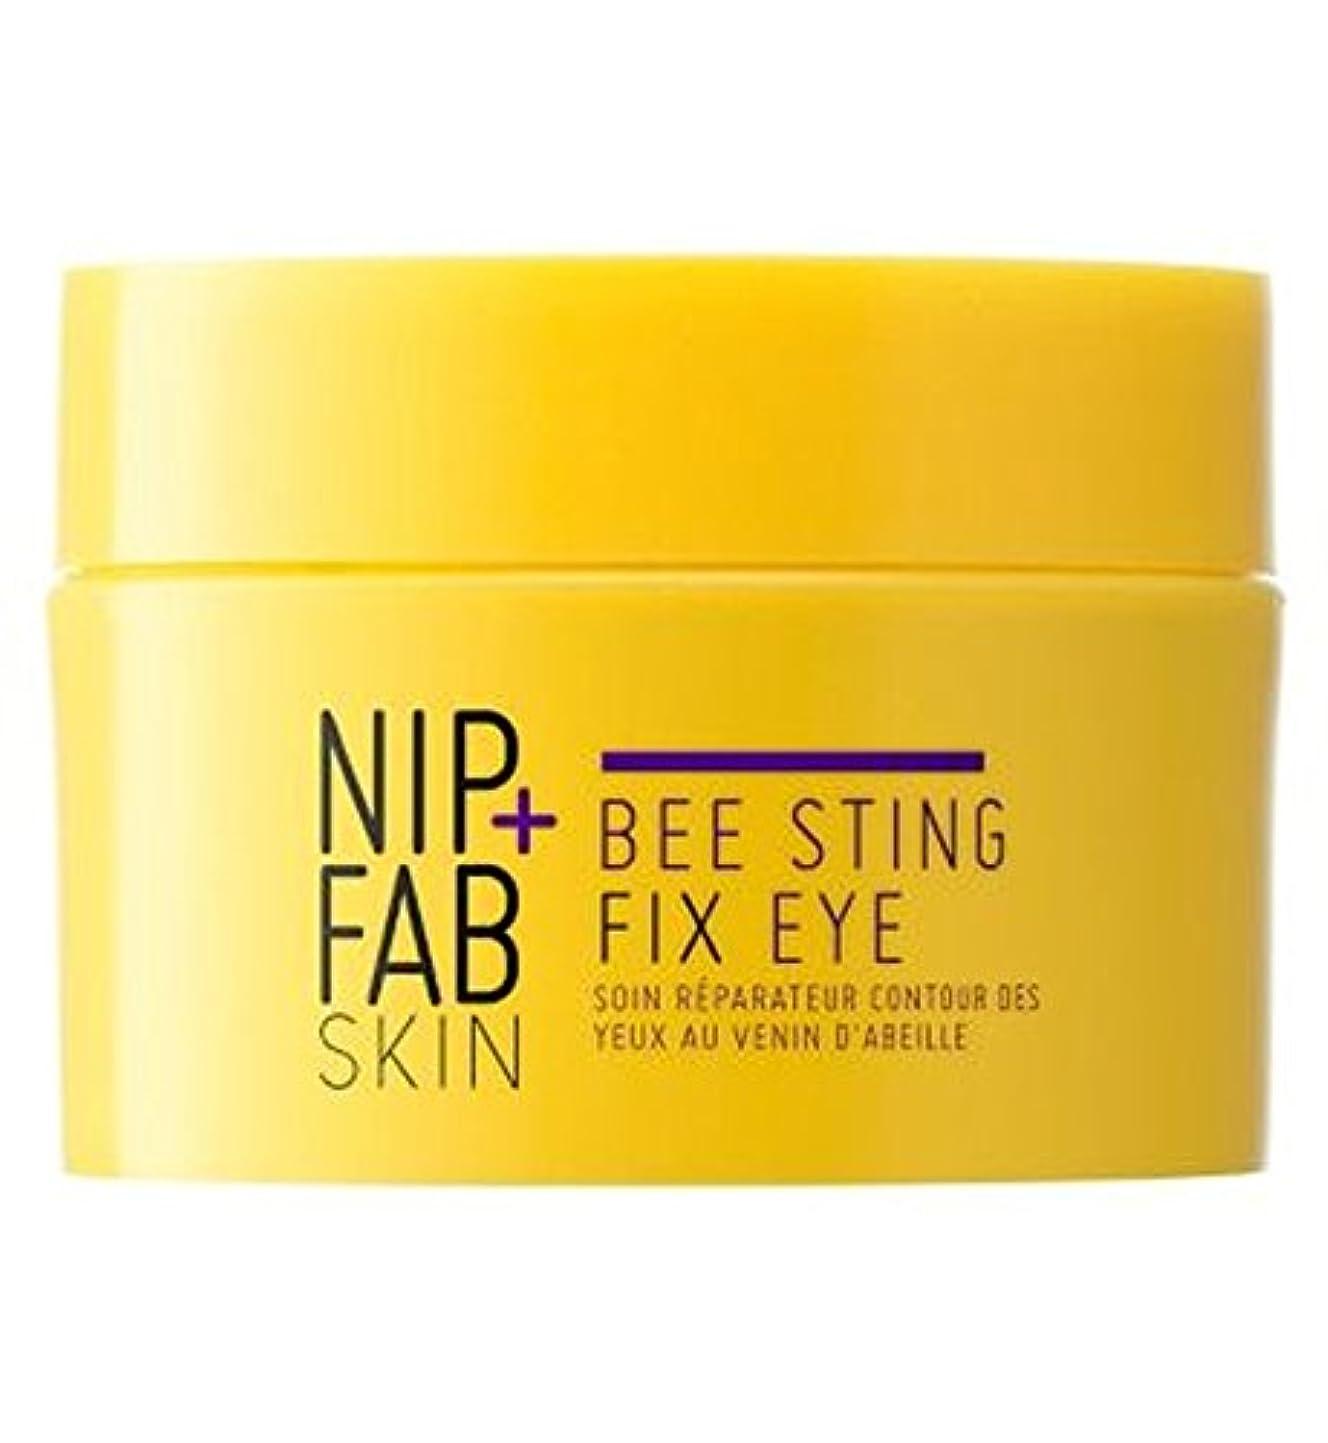 観客遅れ対象Nip+Fab Bee Sting Fix Eye Night - +ファブハチ刺されフィックス目の夜ニップ (Nip & Fab) [並行輸入品]